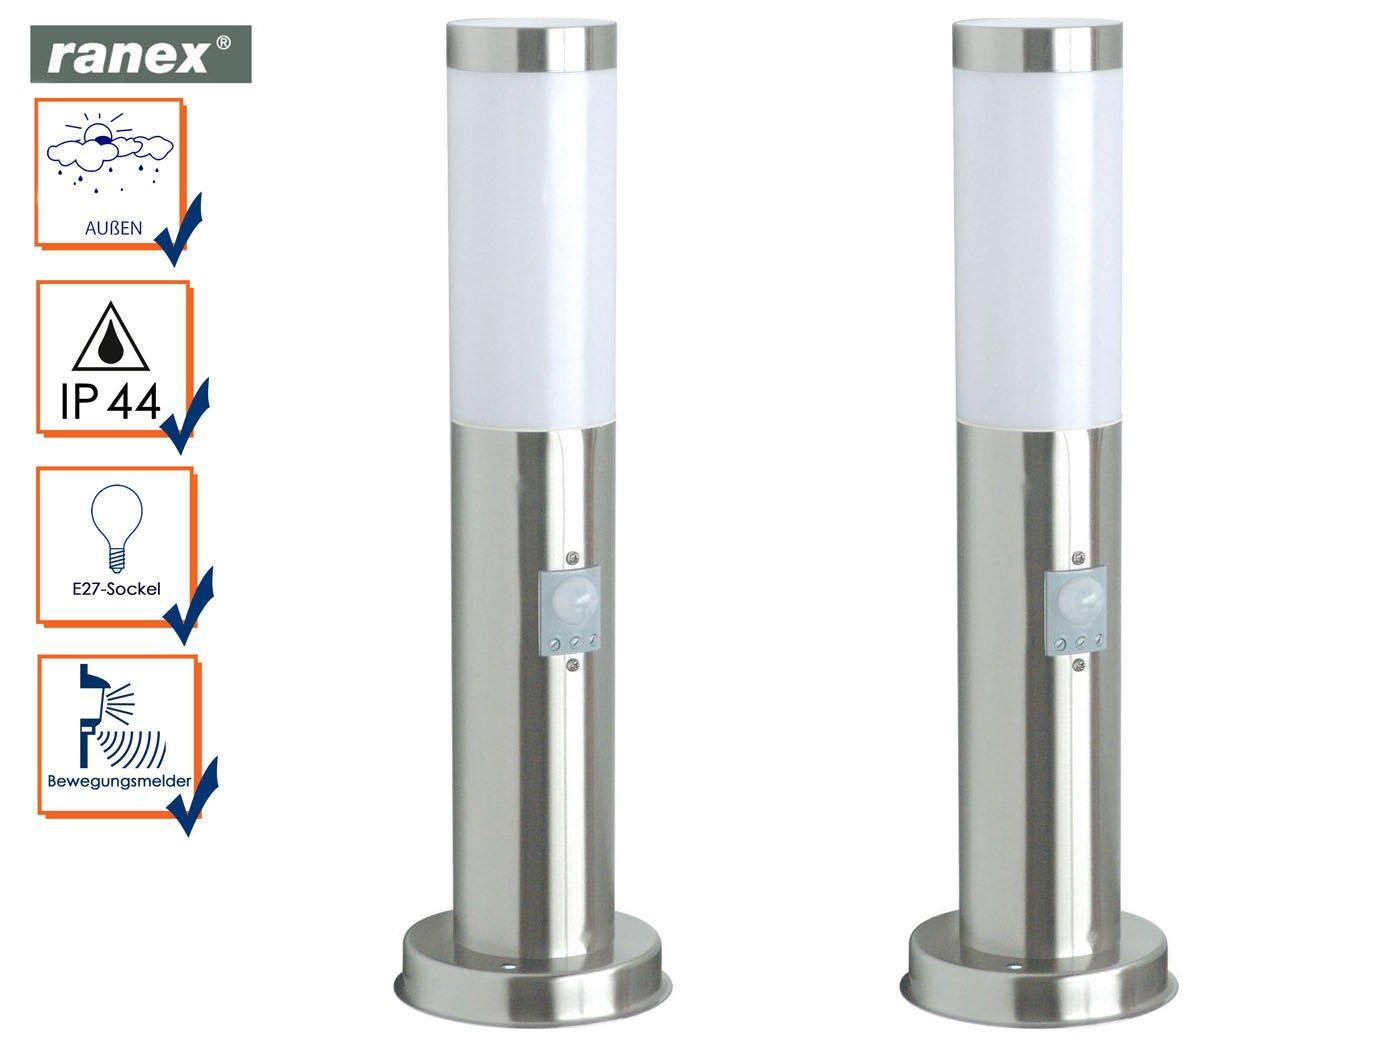 Socket de 2 unidades Leuchten con detector de movimiento, altura 45 cm, faroles exteriores, RANEX: Amazon.es: Iluminación